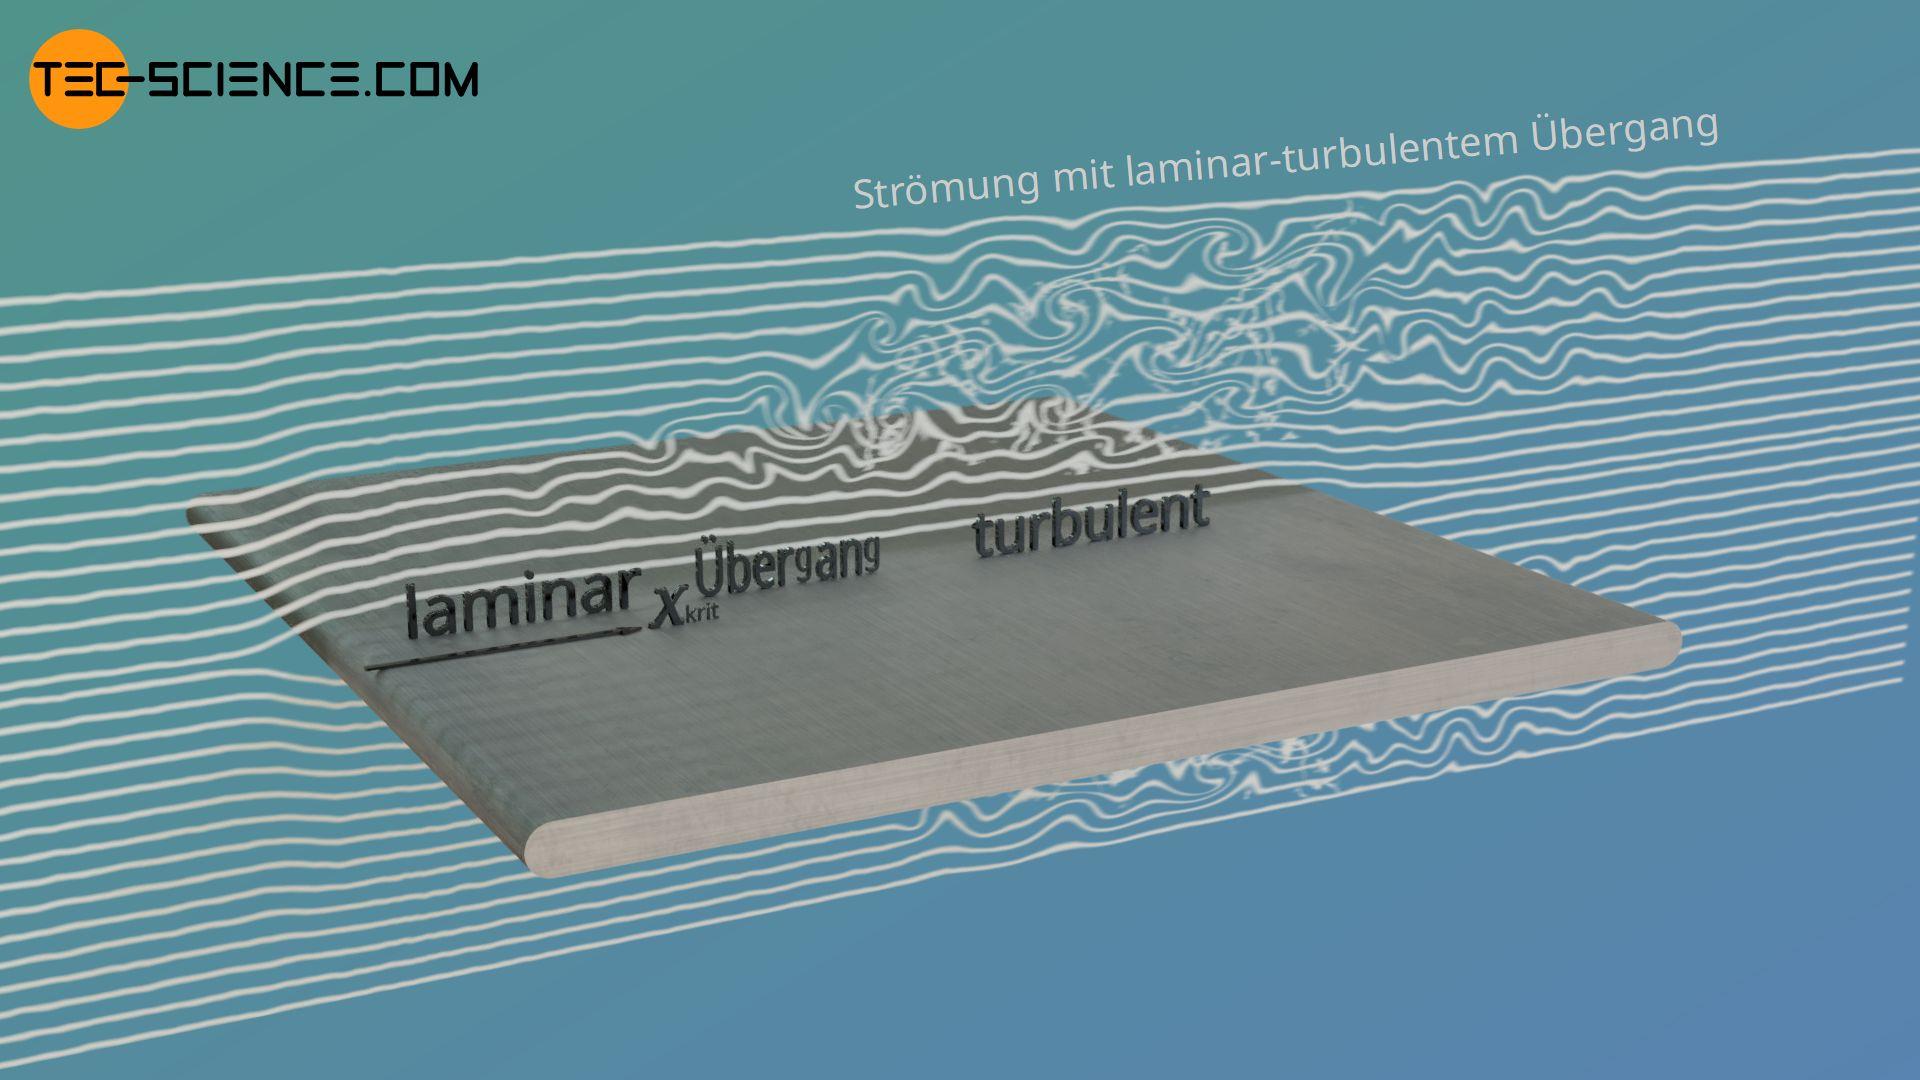 Konvektive Wärmeübertragung an einer flachen Platte mit laminar-turbulenter Strömung